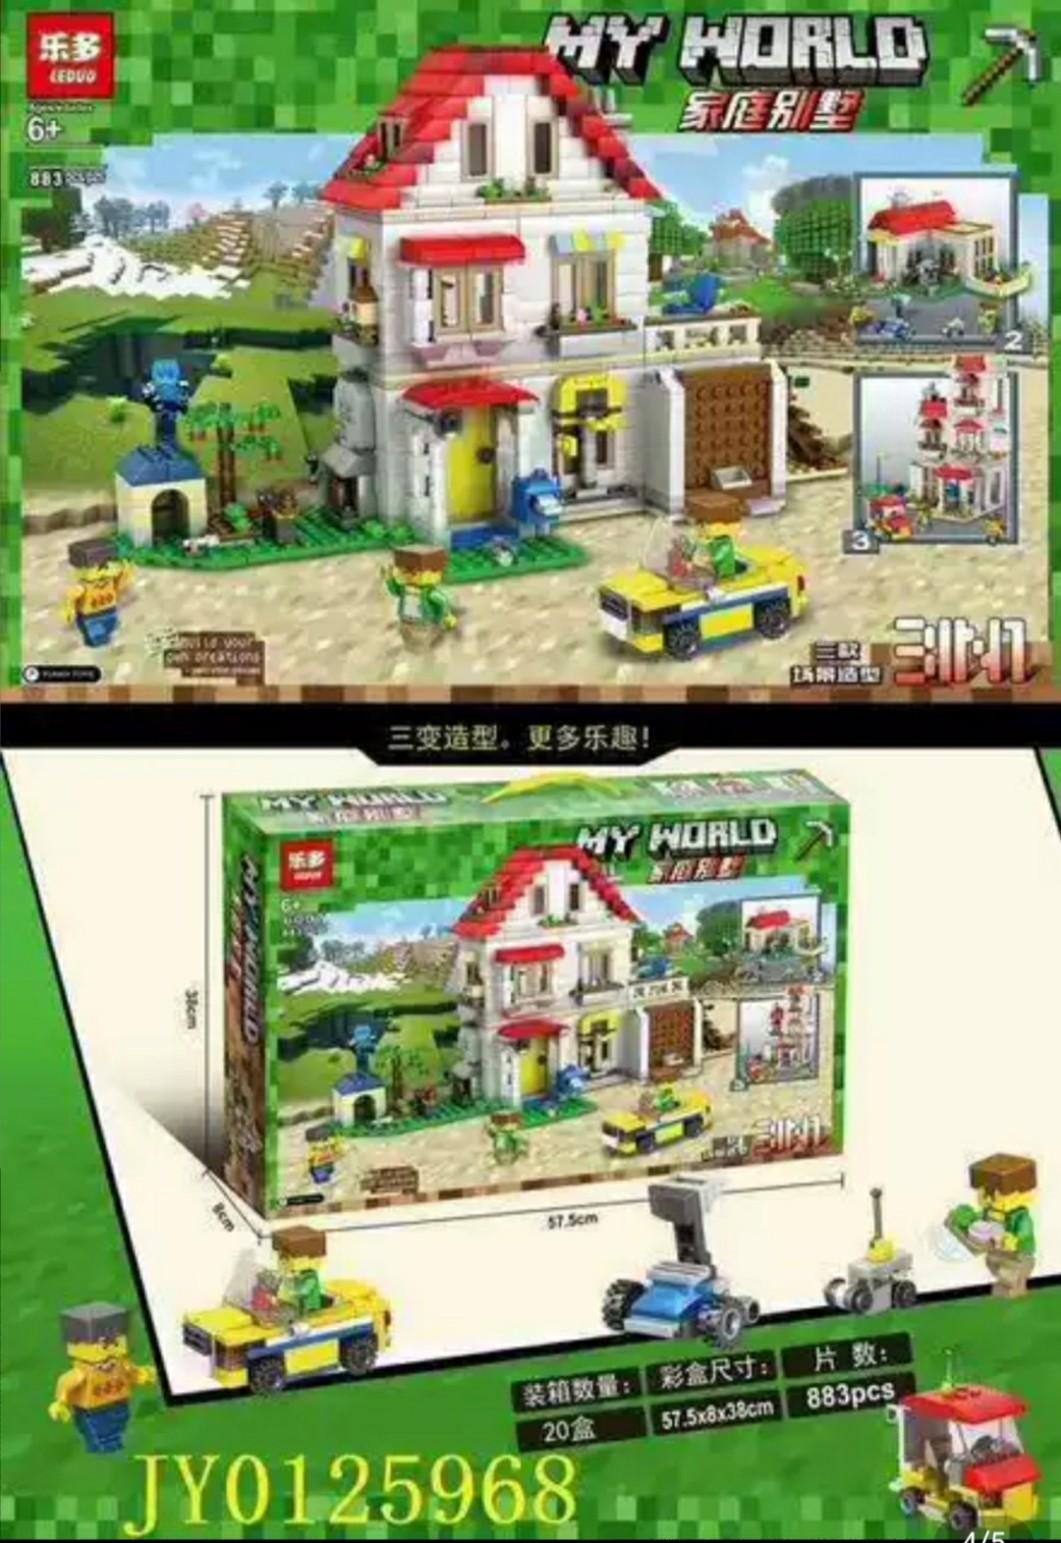 Bộ l ắp ráp Lego minecraft my world Ngôi nhà biệt thự 3in1 883 mảnh LEDUO 6007